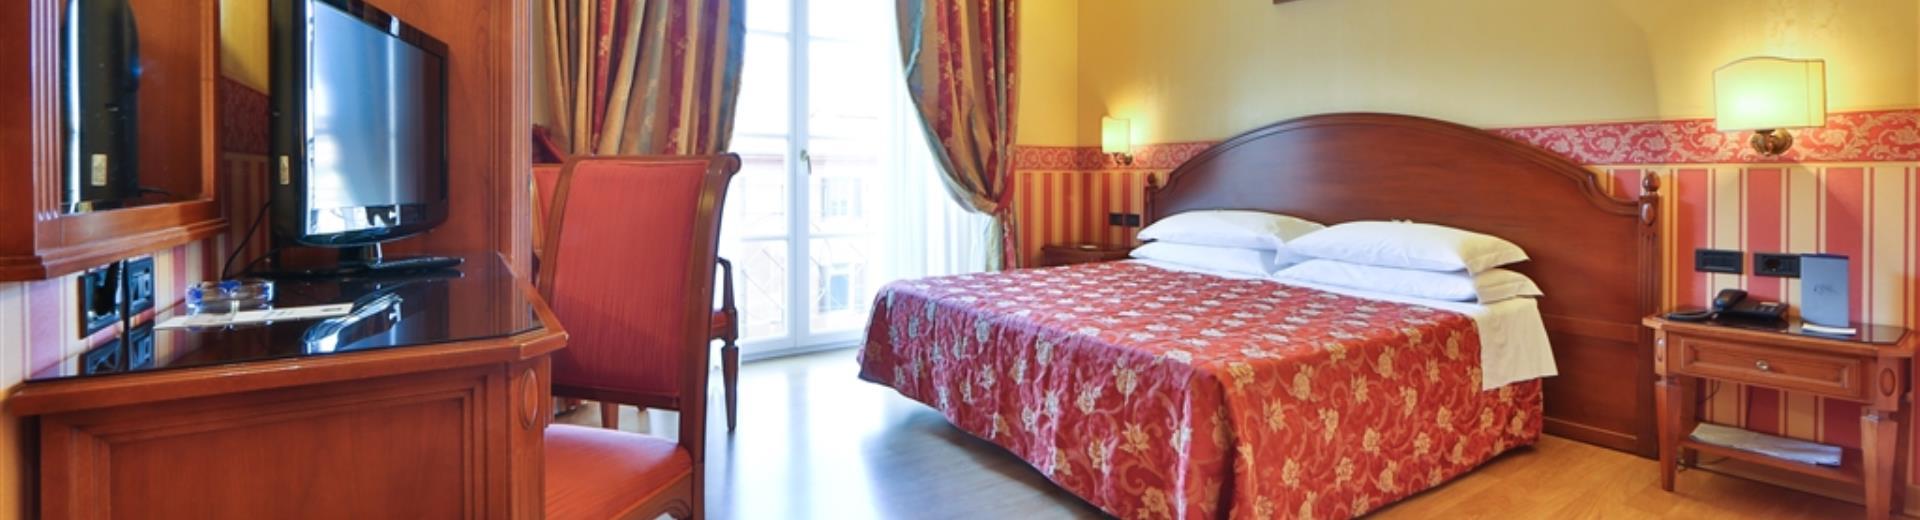 Albergo A Bologna Centro Best Western Hotel San Donato 4